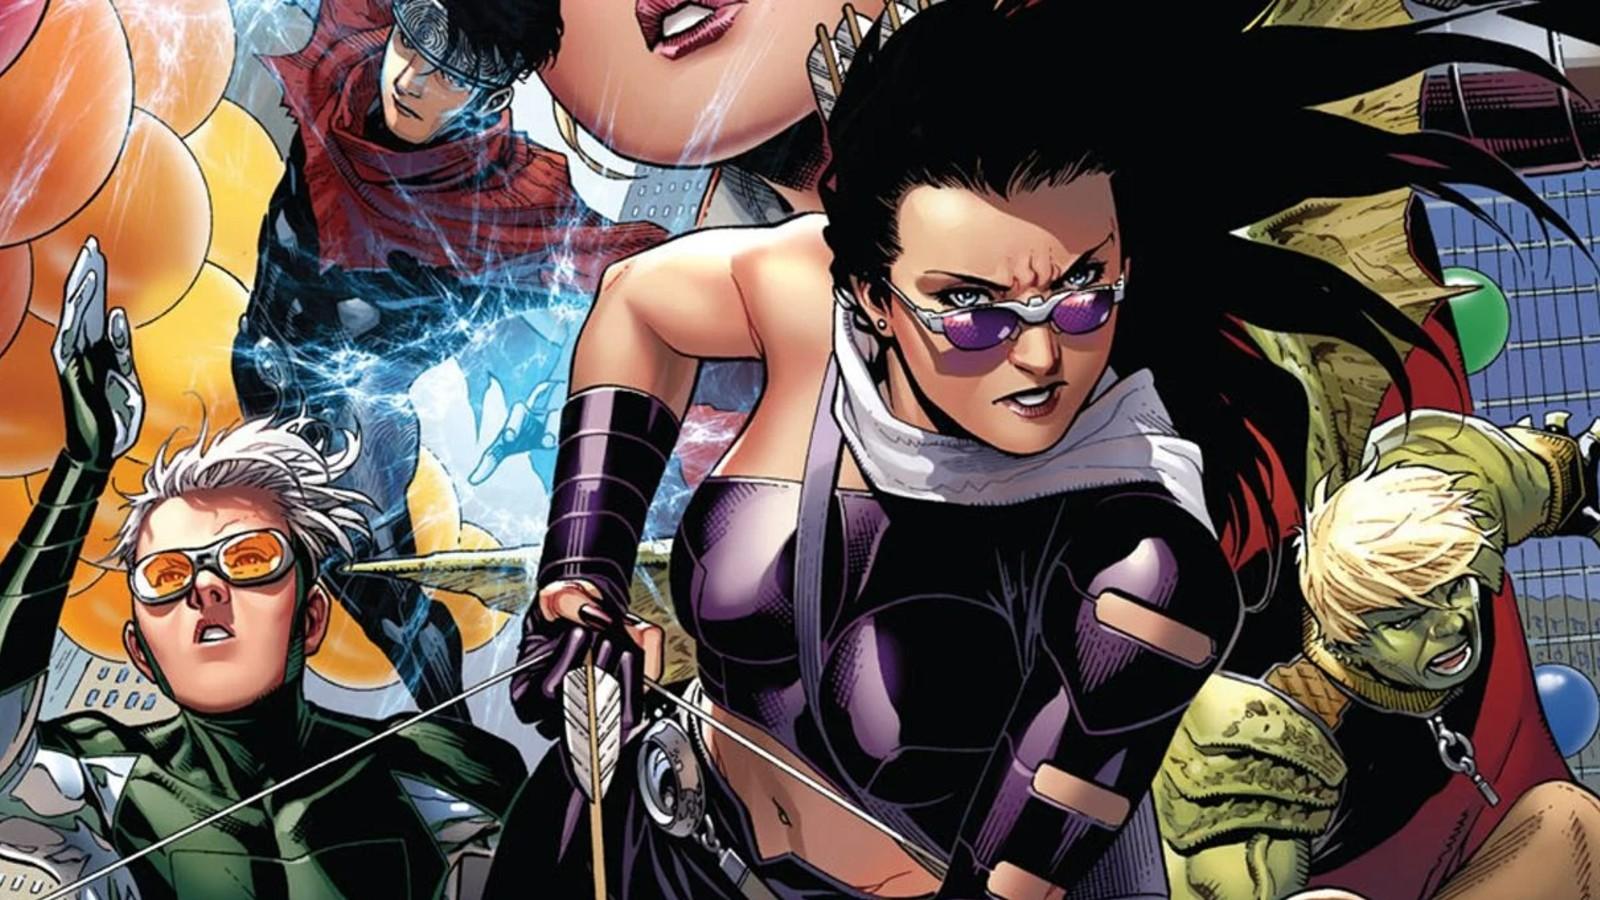 Young Avengers comics